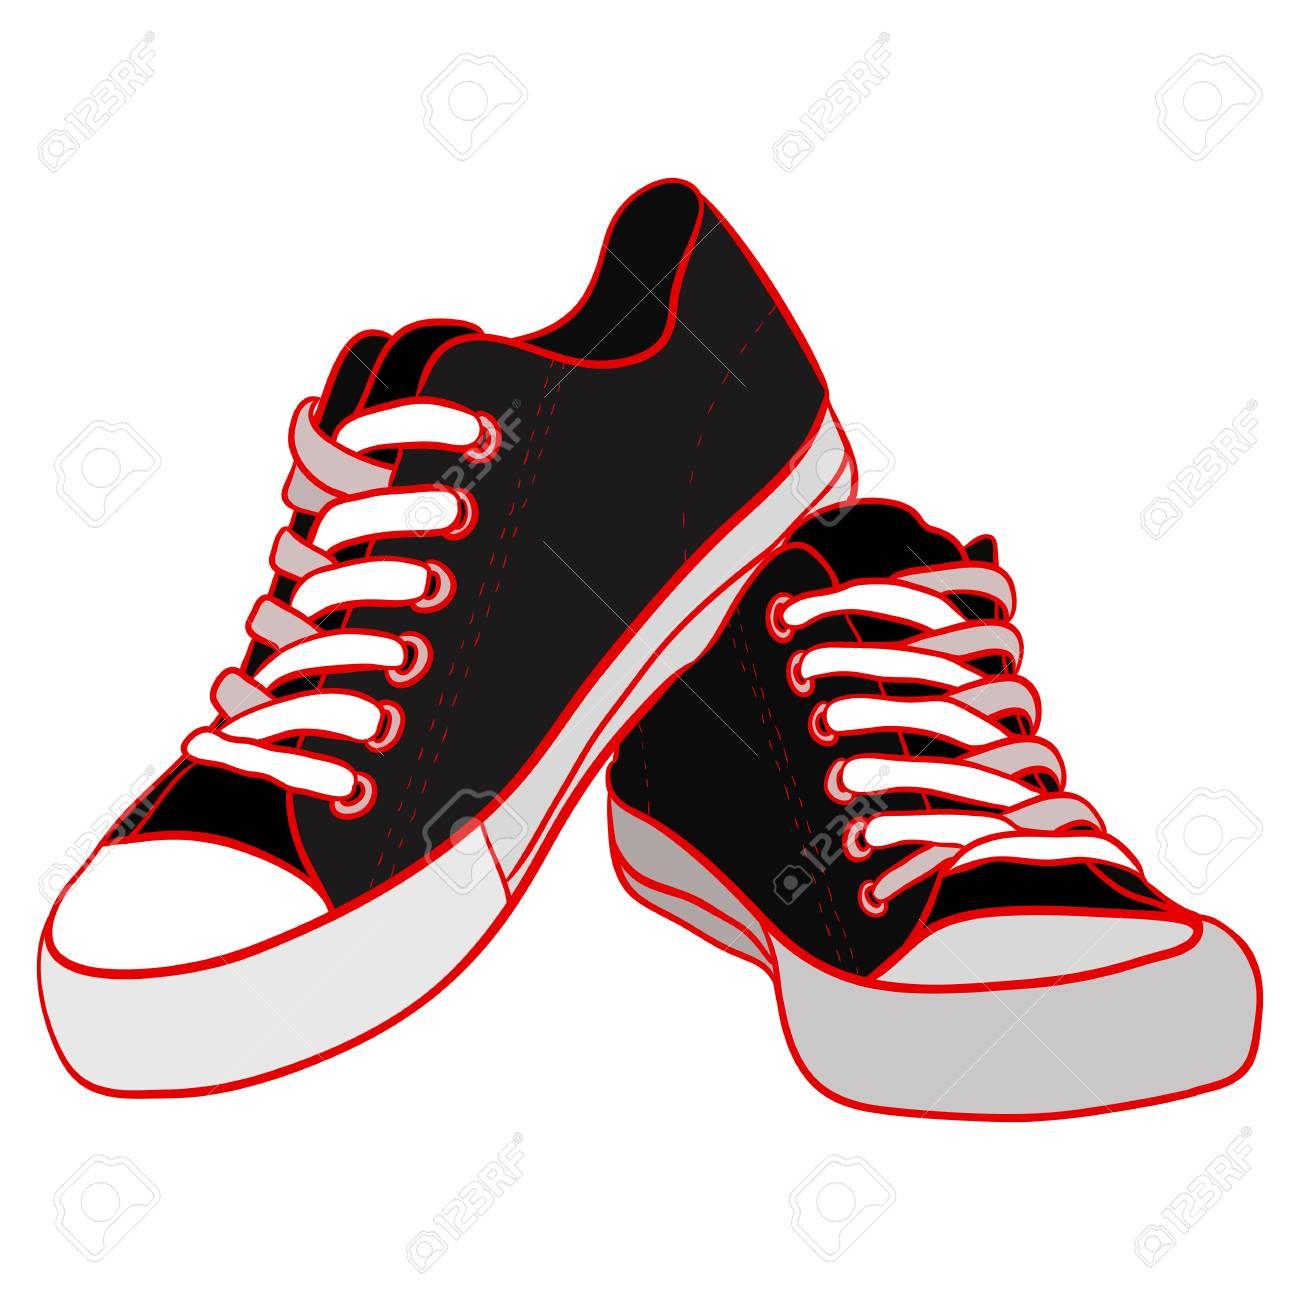 Illustrazione a colori di scarpe da ginnastica nere. Elemento vettoriale per la tua creatività